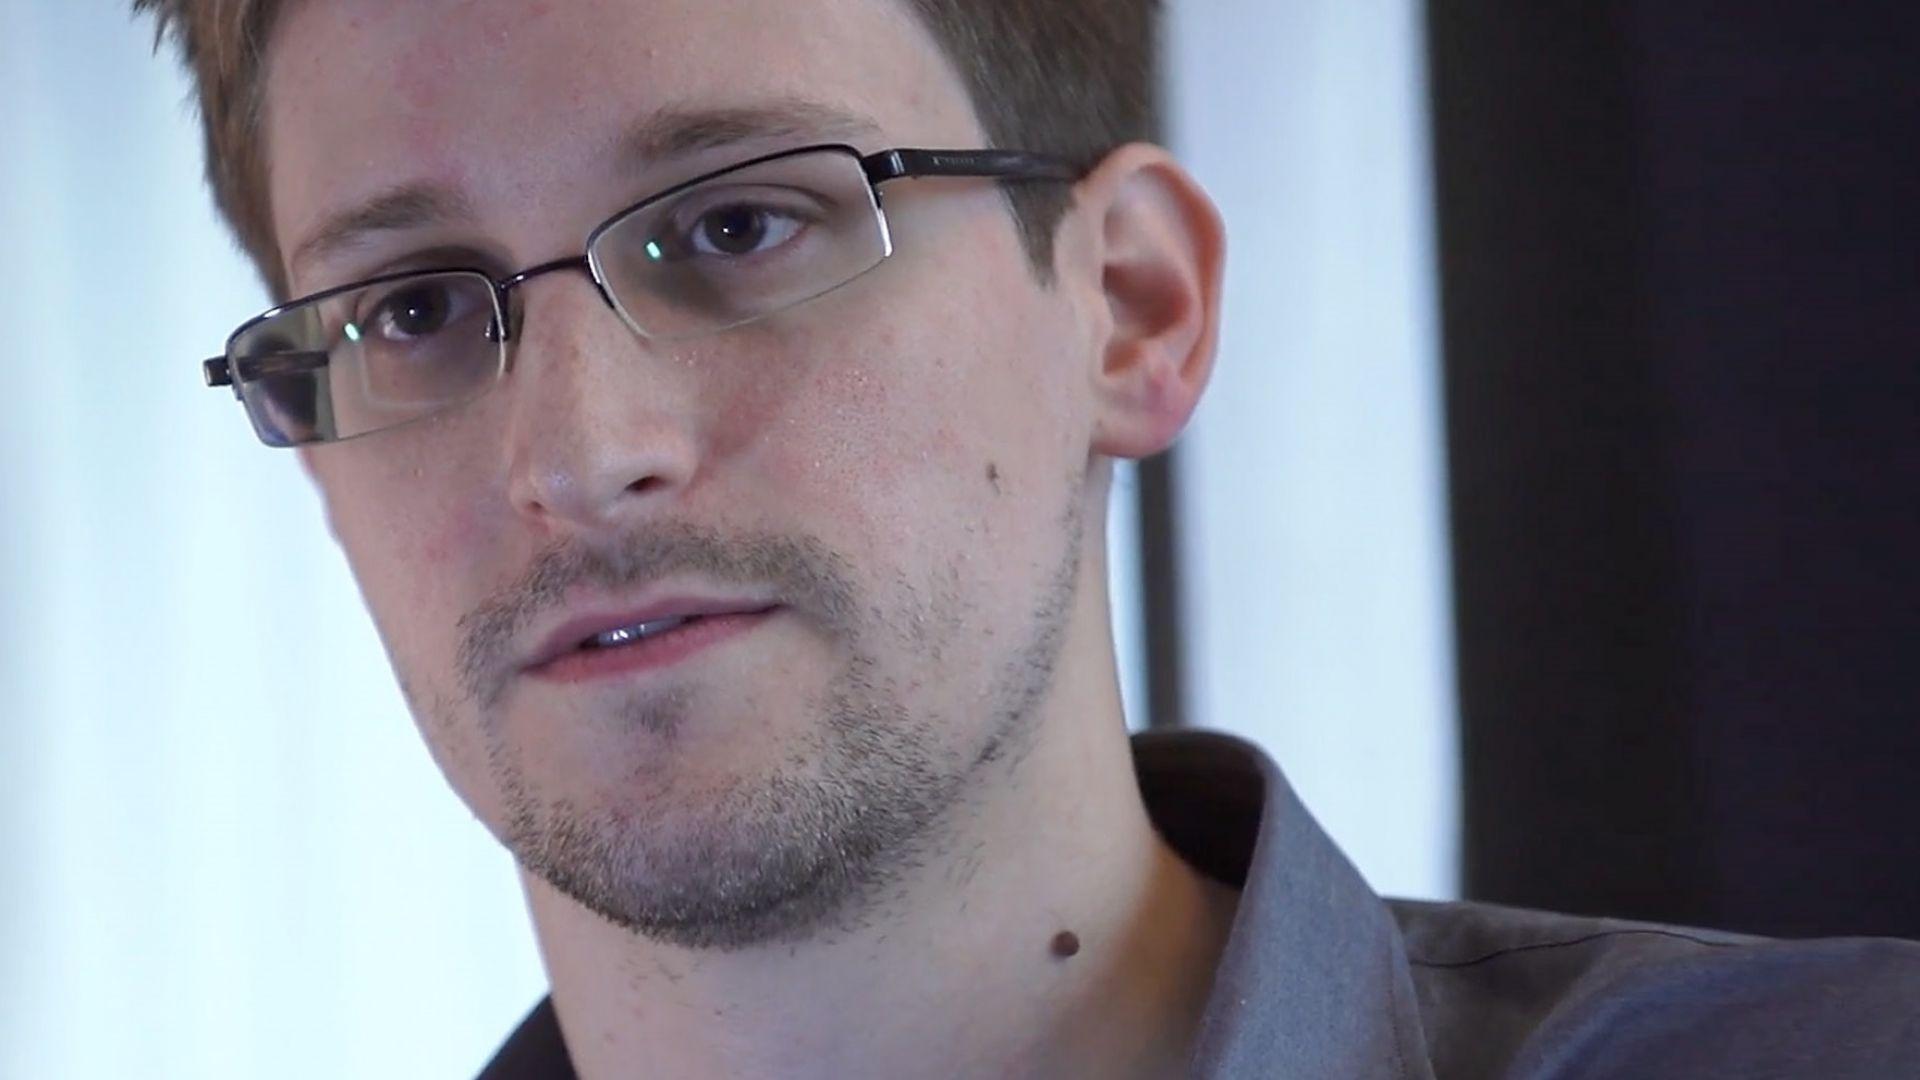 Едуард Сноудън разкрива смята Google за неофициално продължение на разузнавателните агенции на САЩ